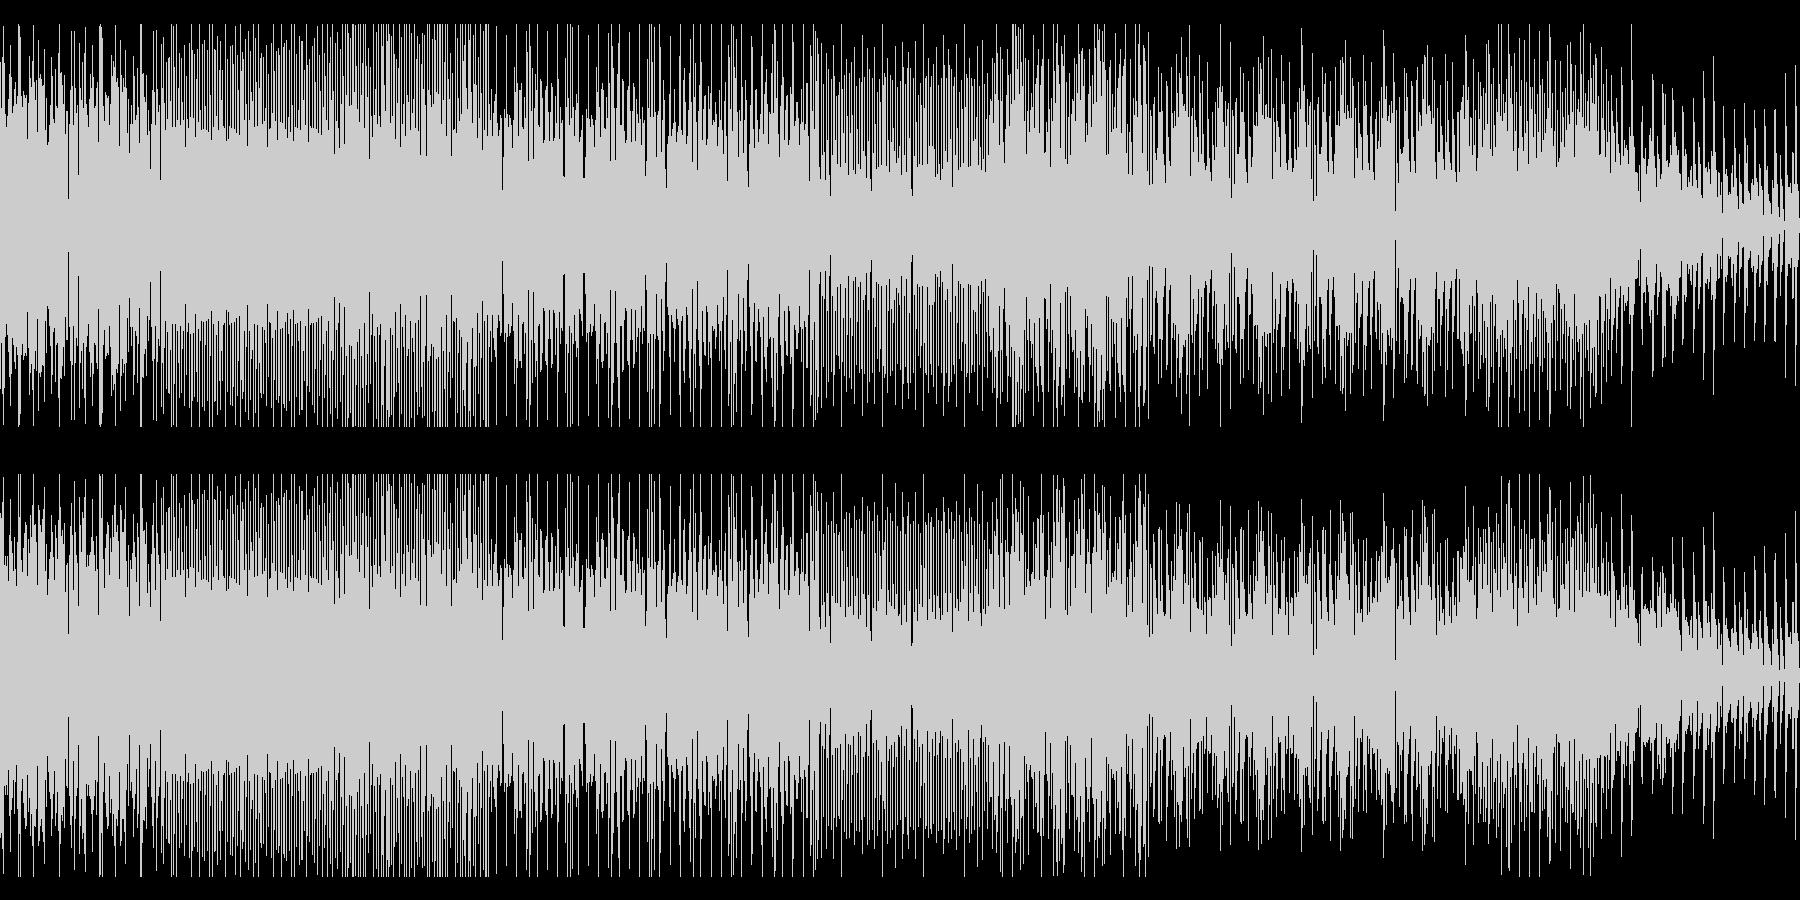 ドラムンベースのようなチップチューンの未再生の波形